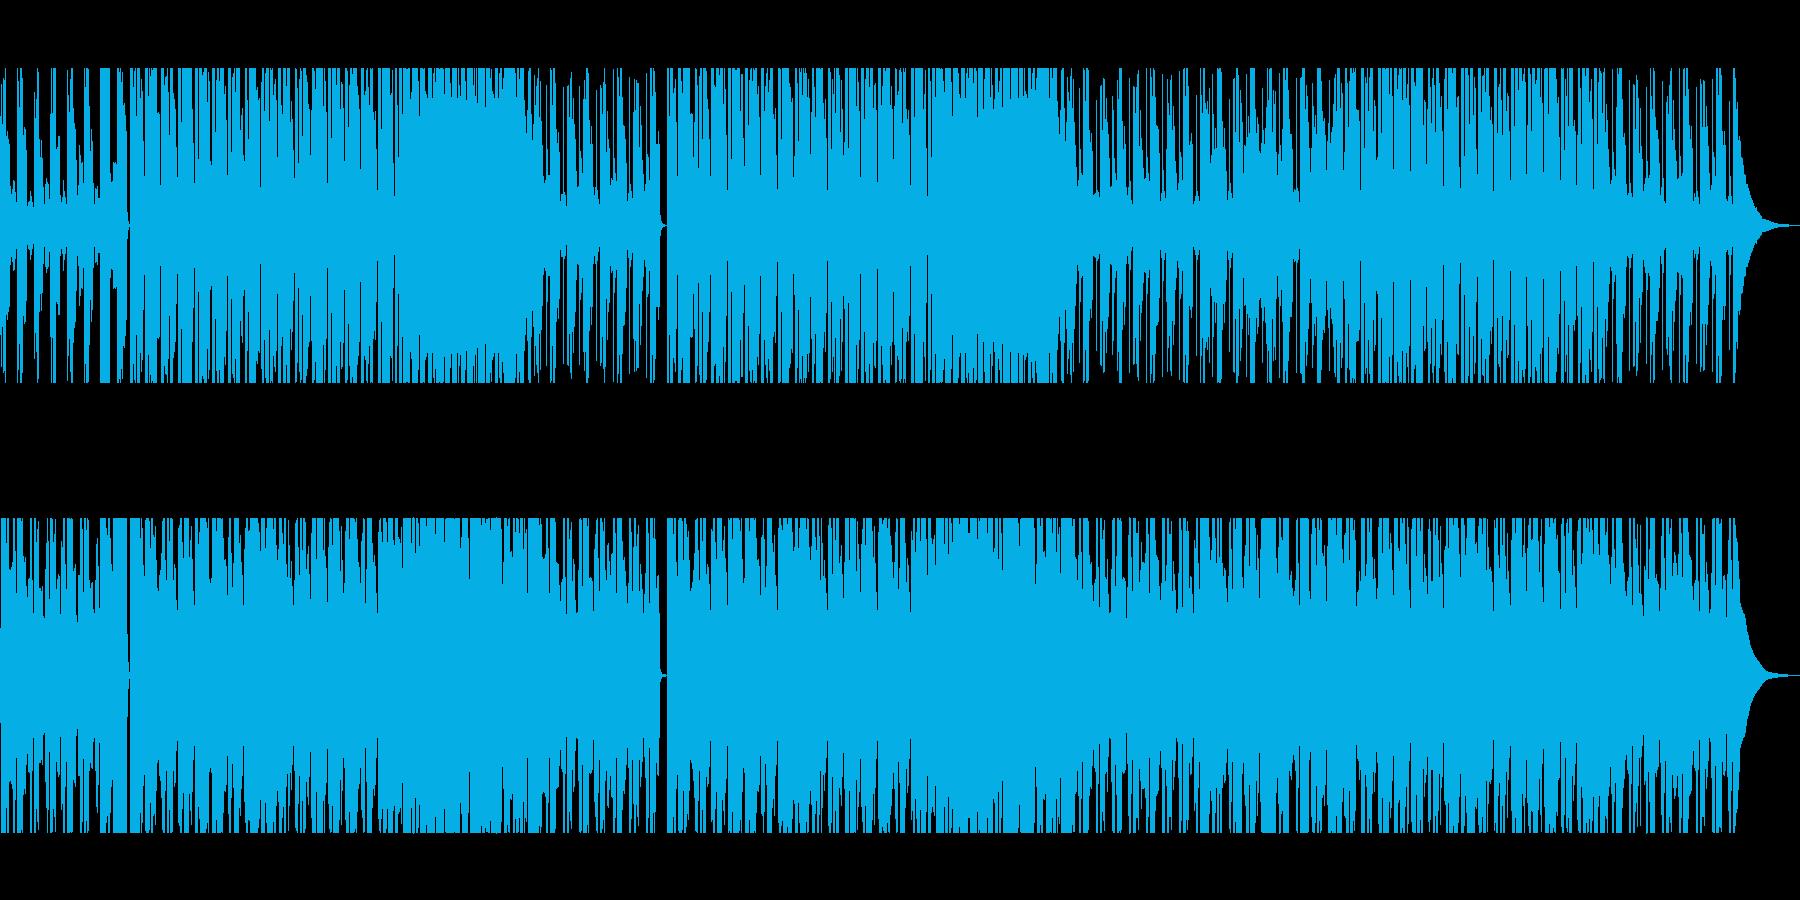 雰囲気のあるギターソロの再生済みの波形